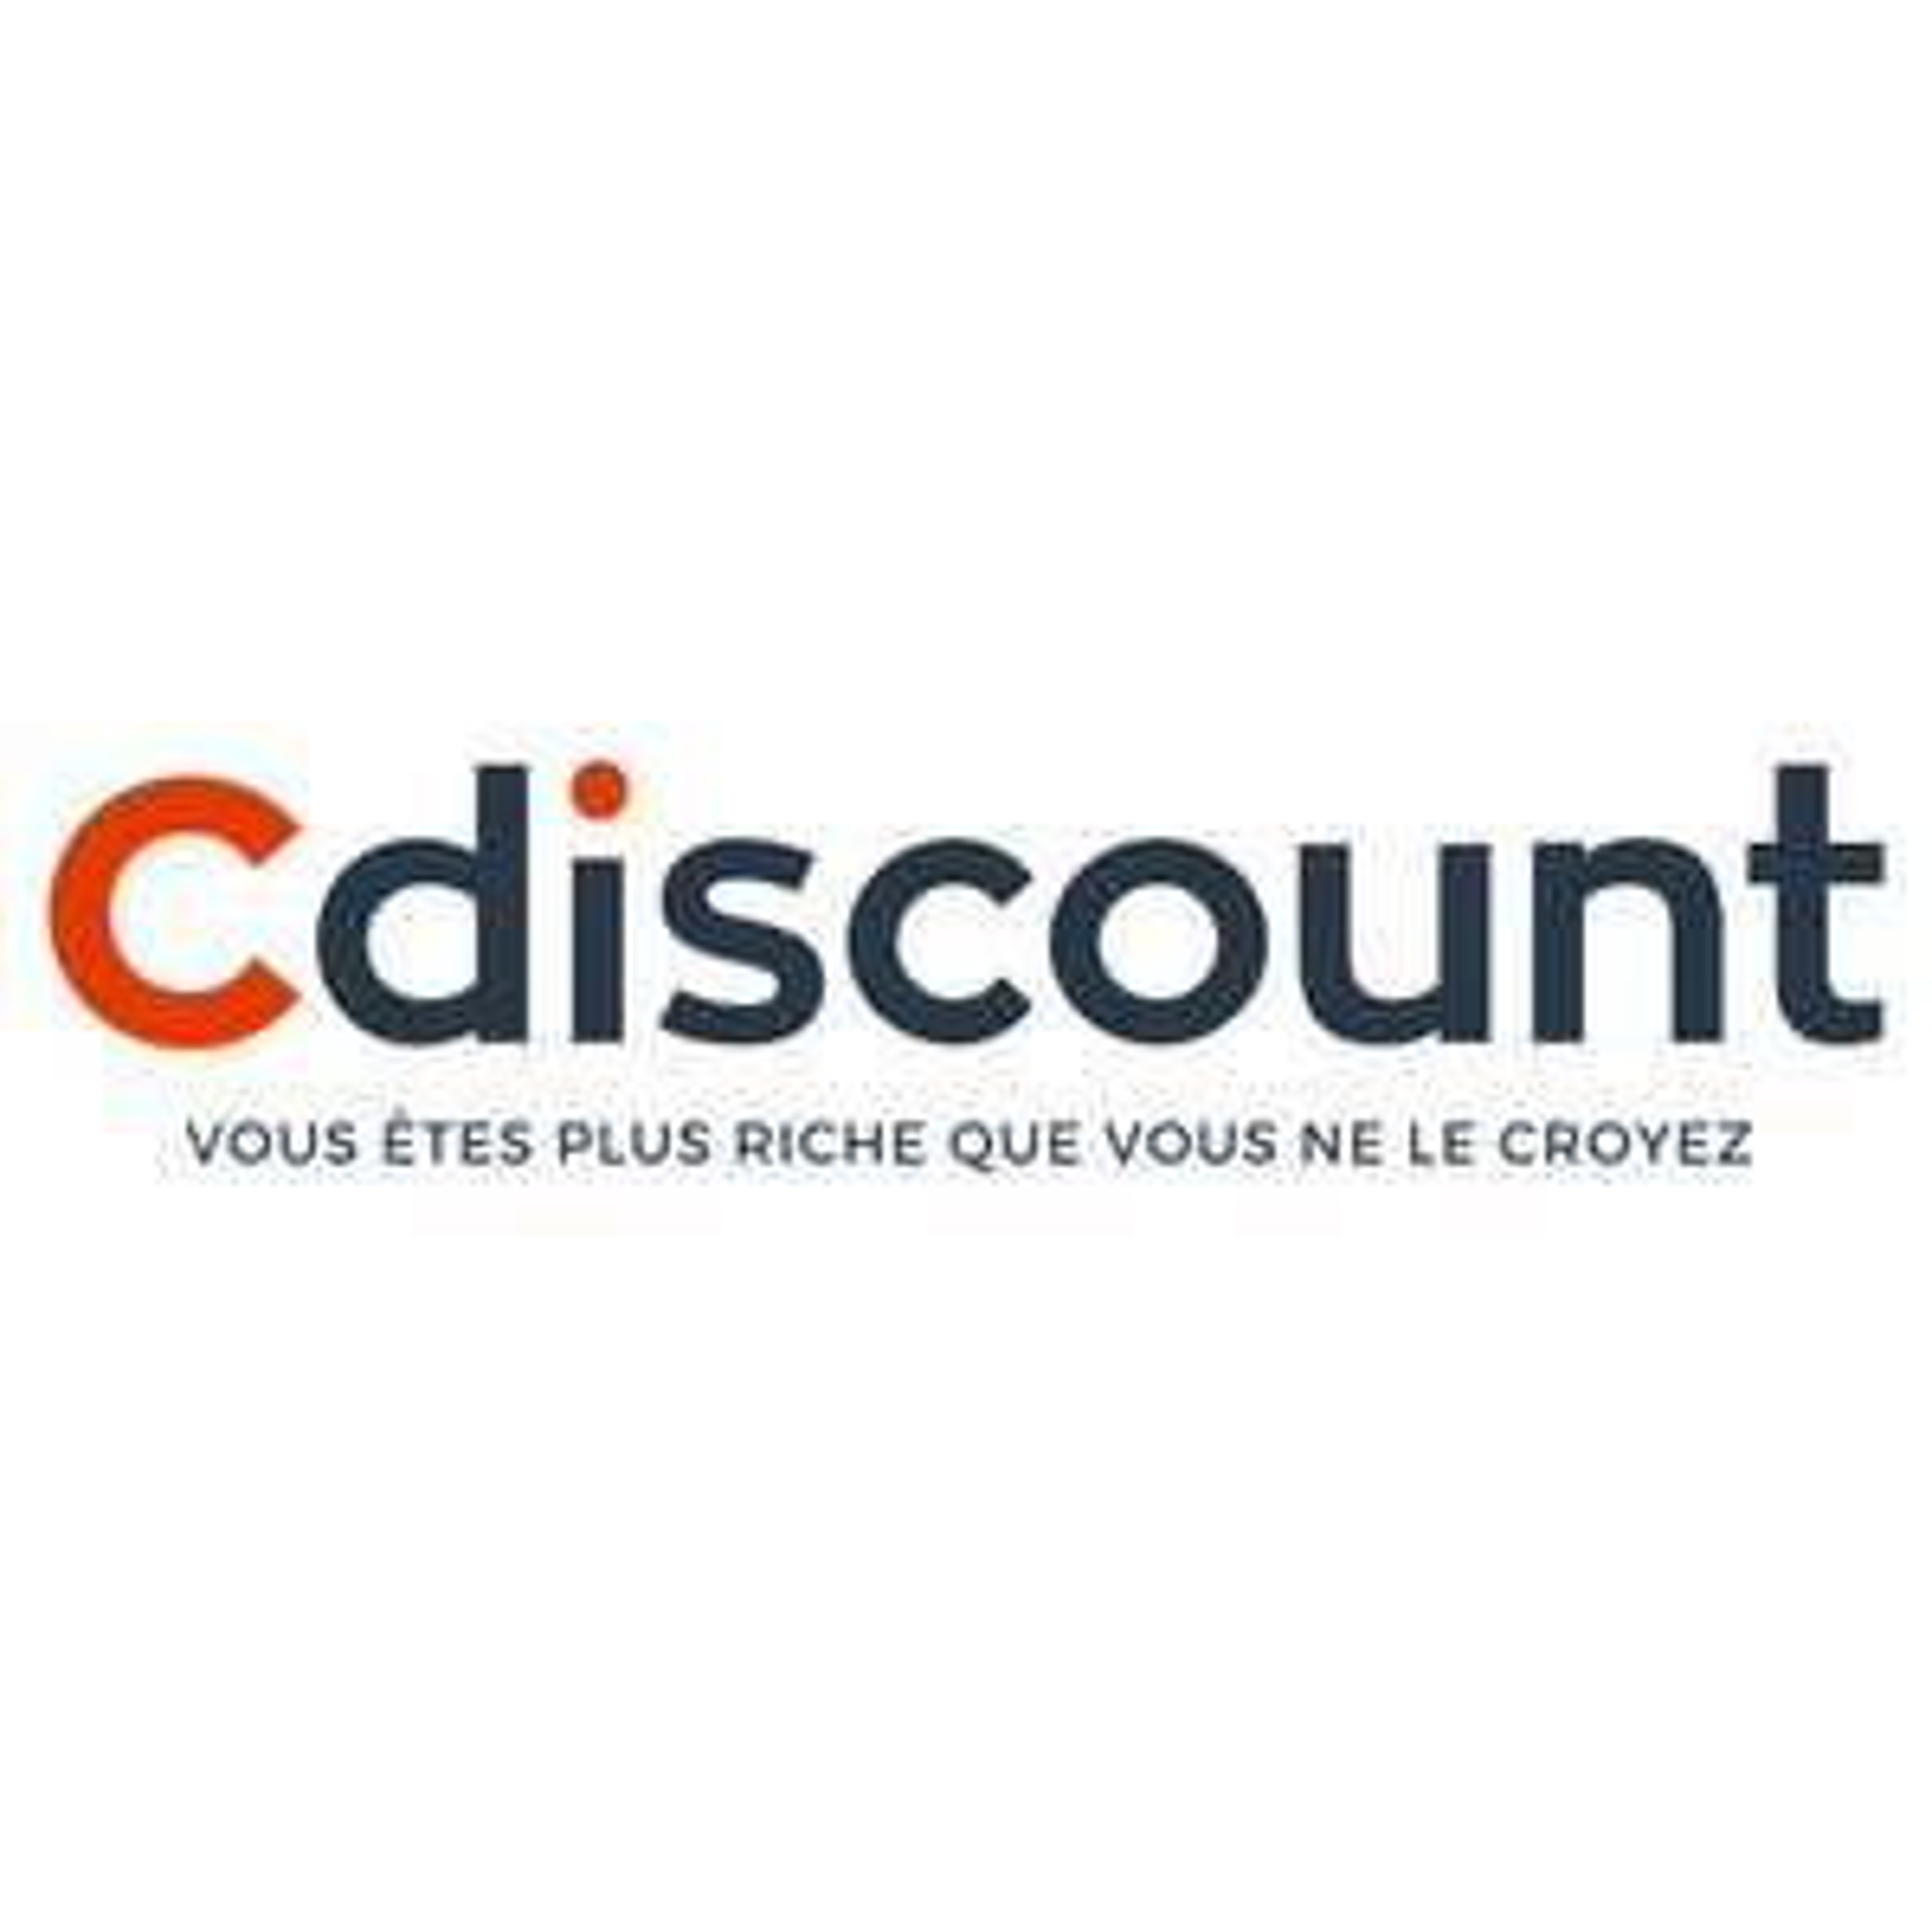 [Cdiscount à volonté] 10€ de réduction dès 99€ d'achat, 50€ dès 399€ d'achat et 100€ dès 699€ sur tout le site (Marketplace inclus - Hors exclusions)